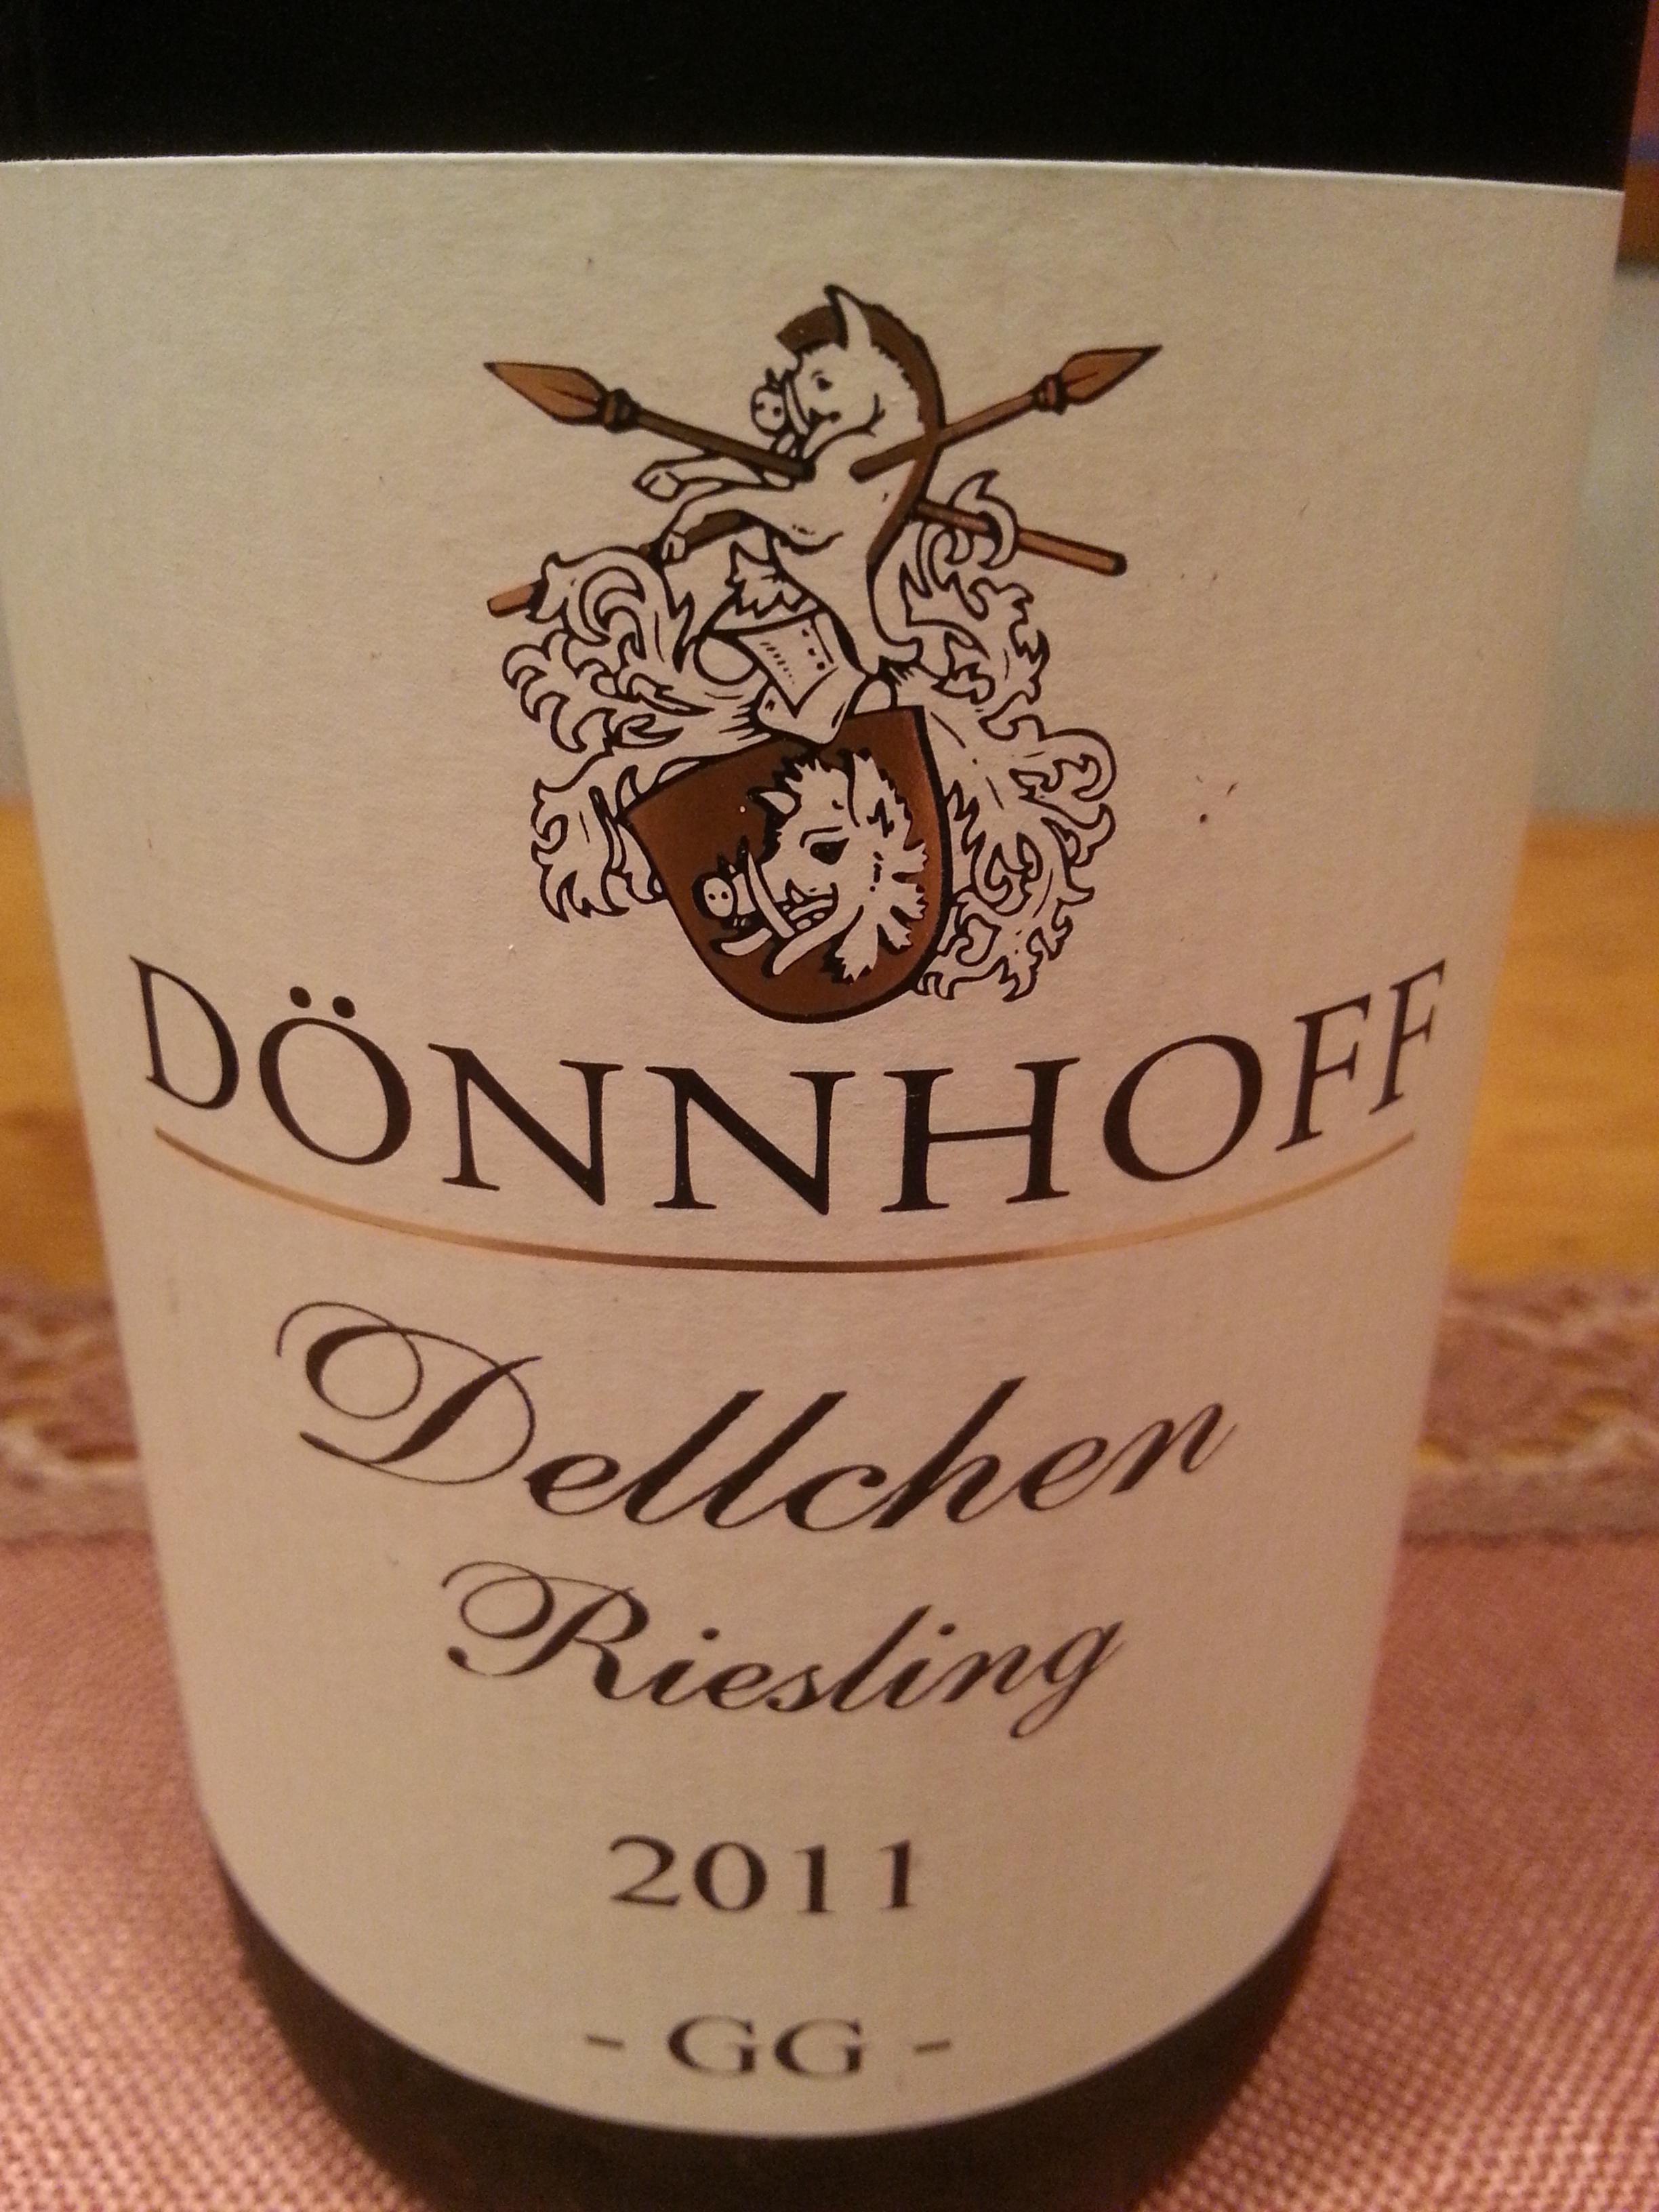 2011 Riesling Dellchen GG | Dönnhoff